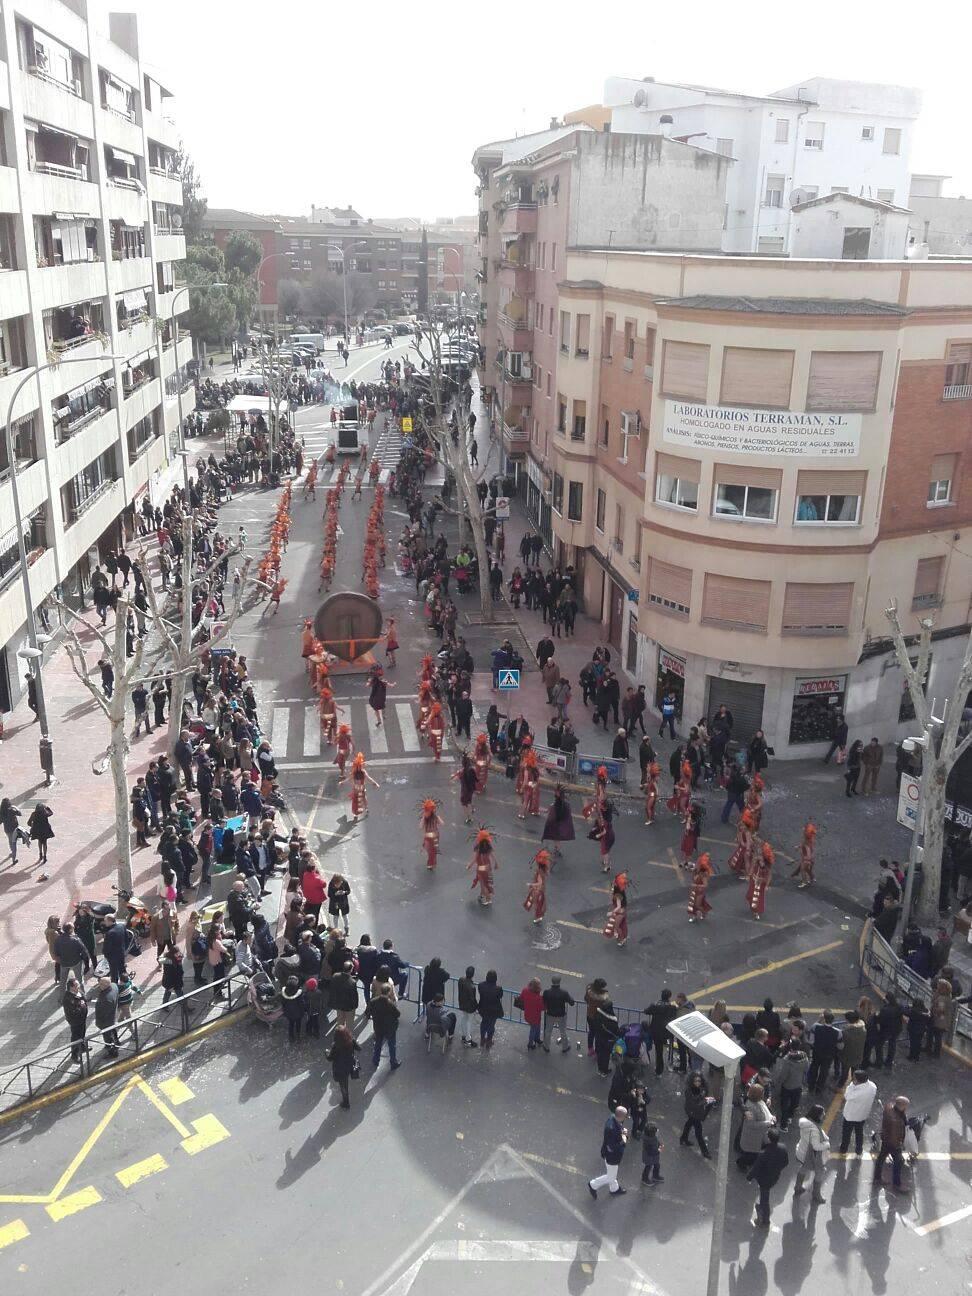 Axonsou de Herencia desfilando en el Domingo de Pi%C3%B1ata 2016 - Axonsou conquista el cuarto premio del Domingo de Piñata de Ciudad Real